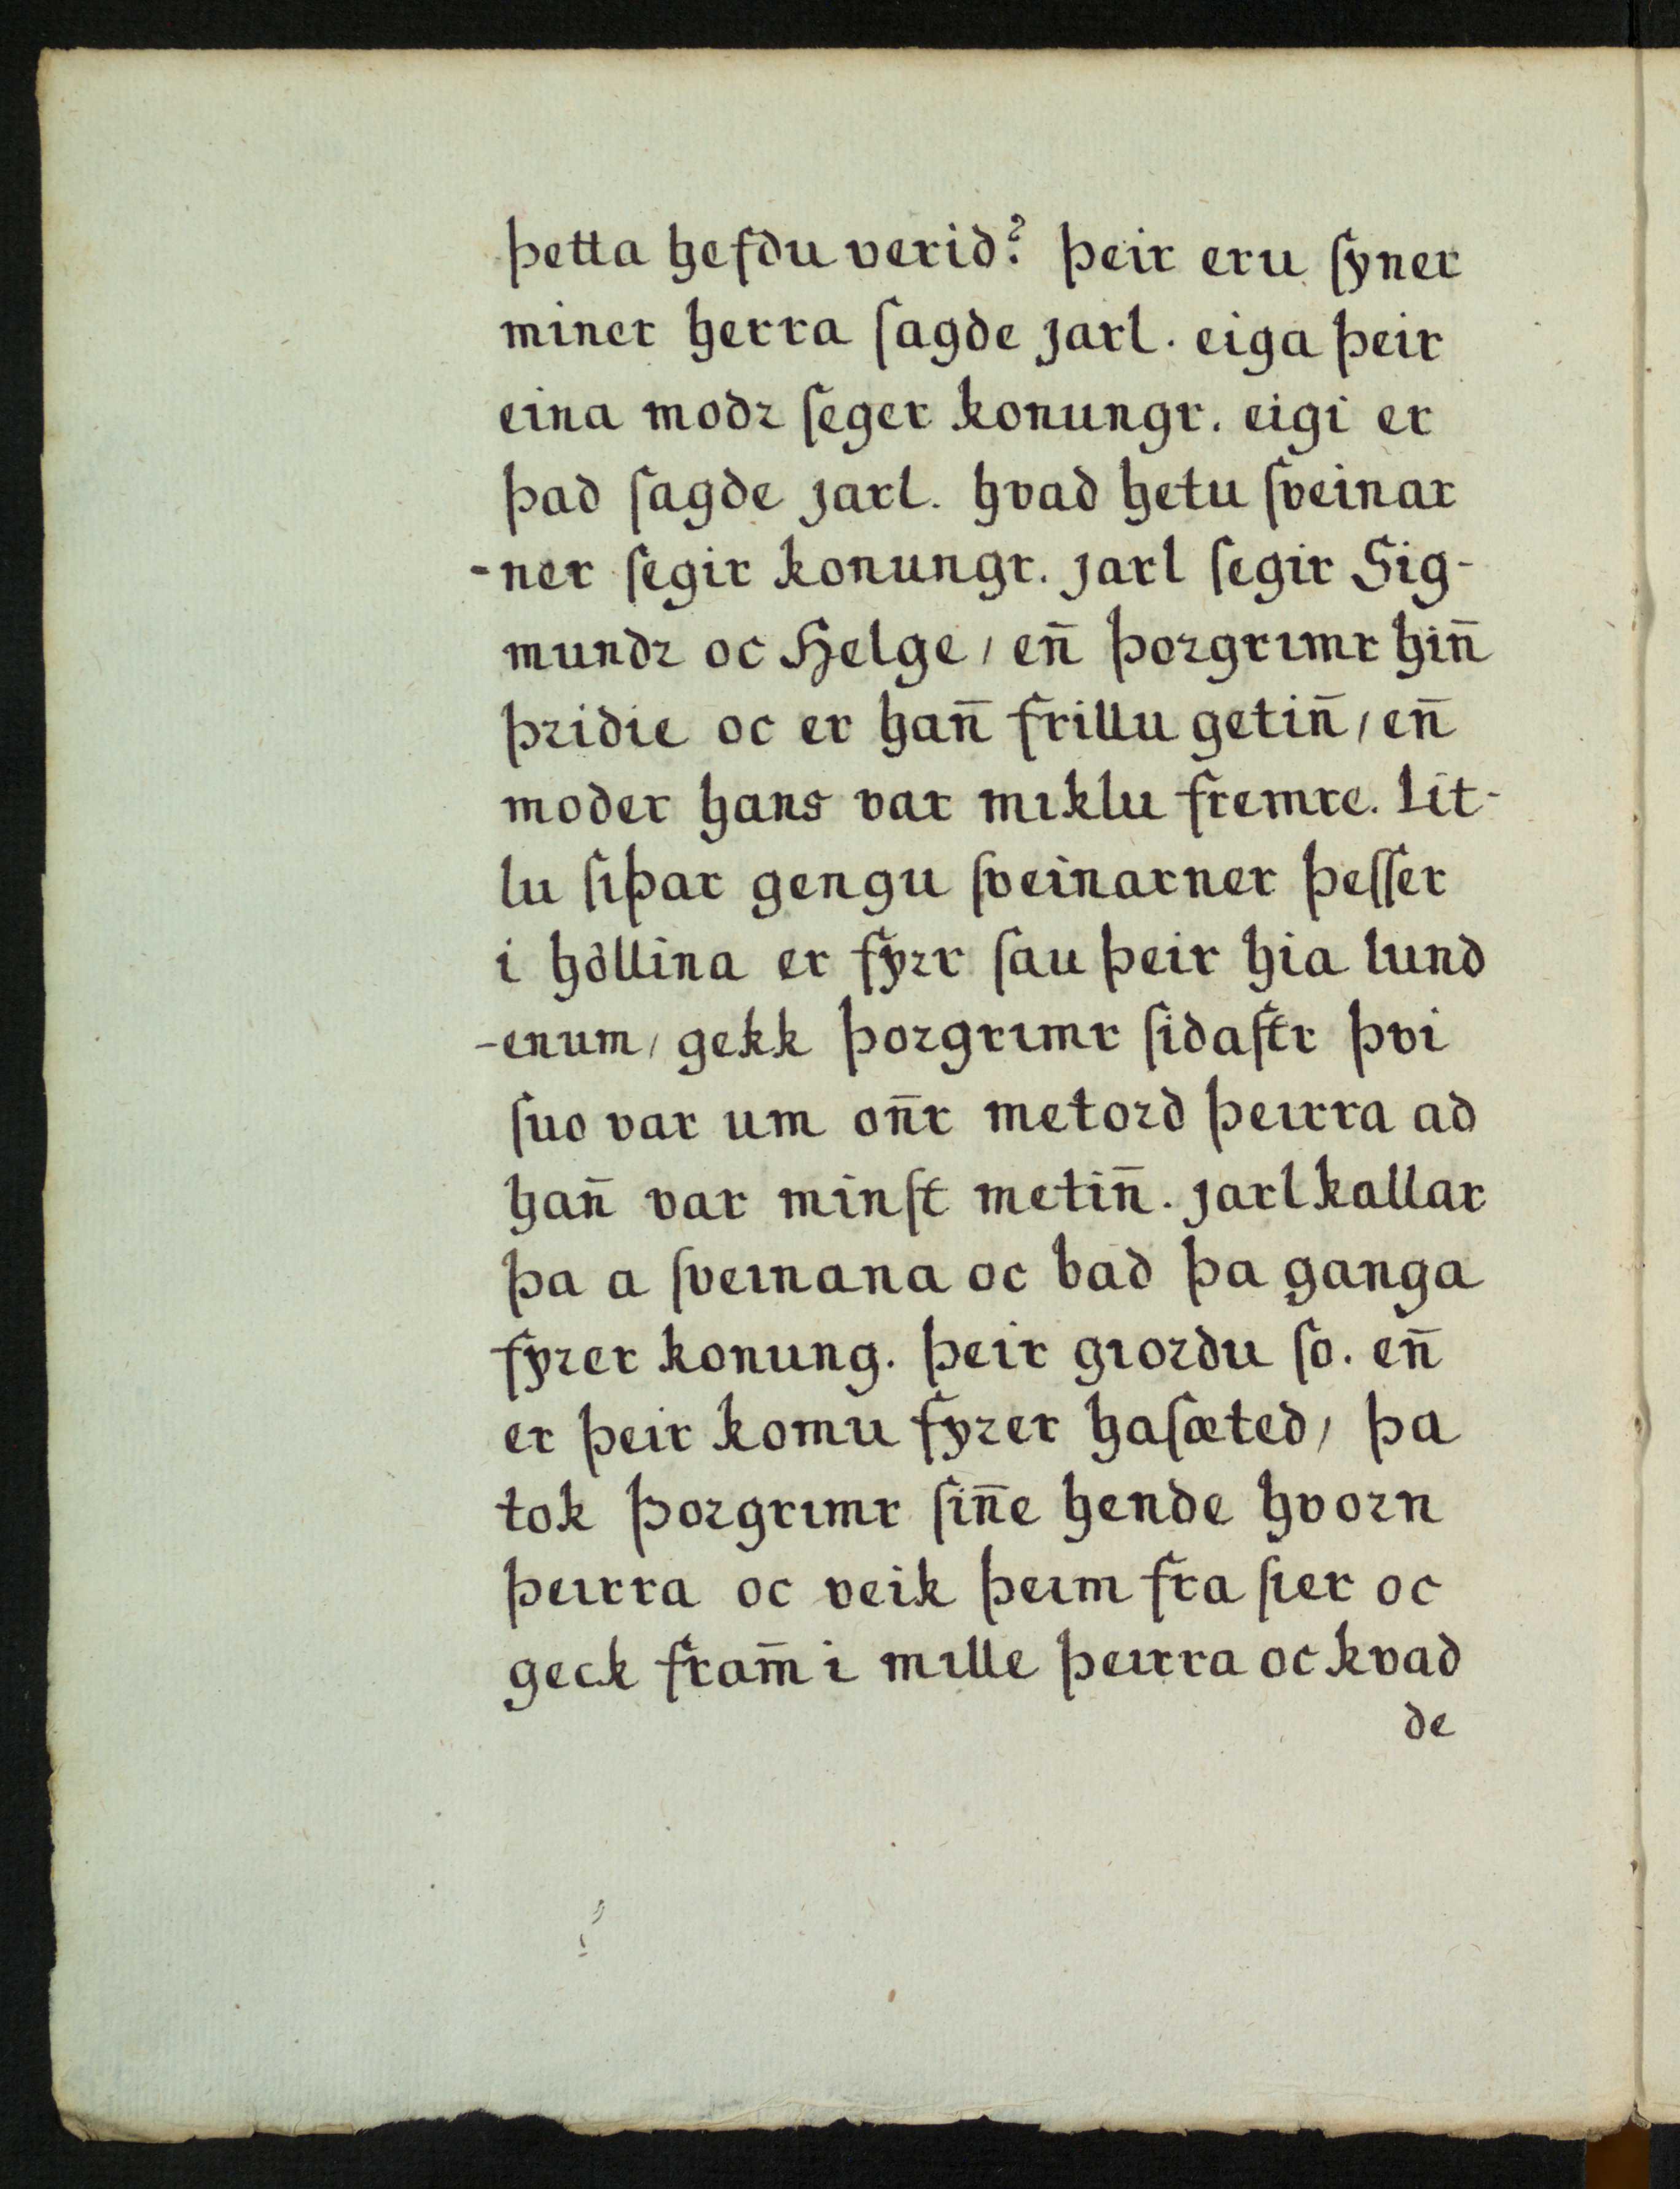 AM 553 d 4° - 6v